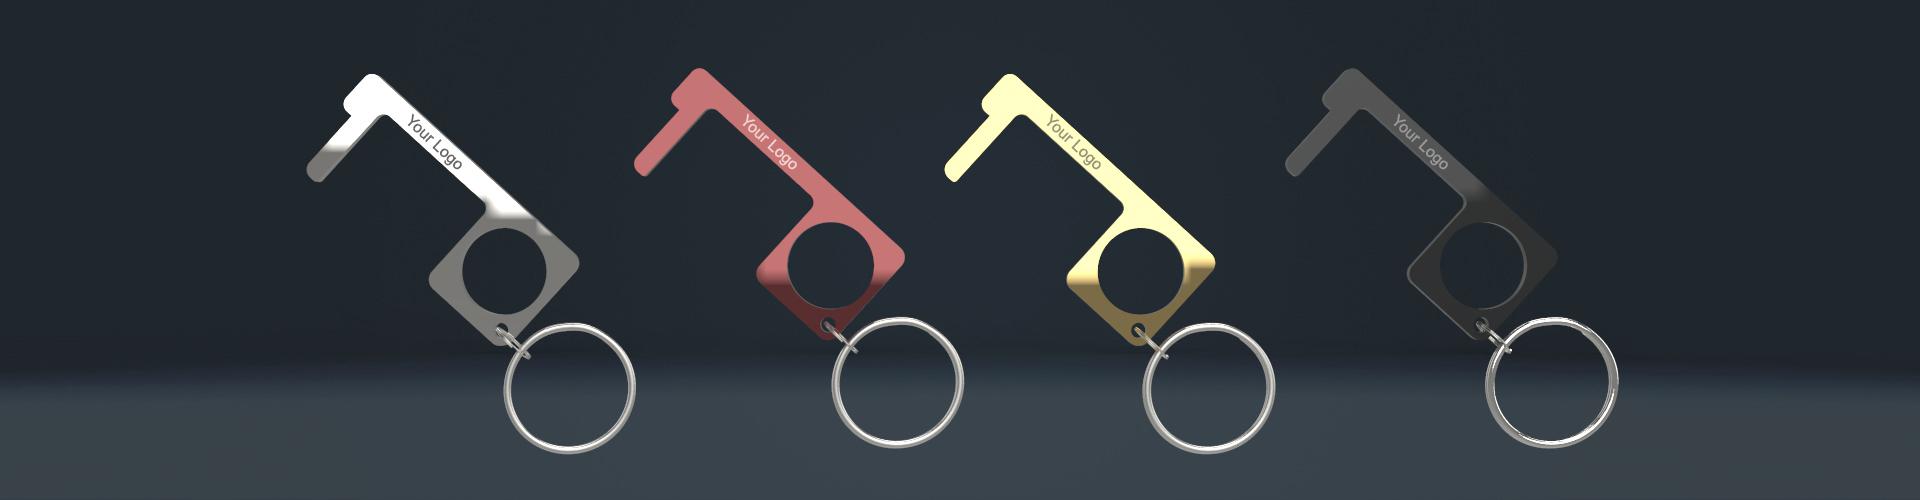 Türöffner Hygienehaken aus Metall mehrfarbig mit Schlüsselanhänger